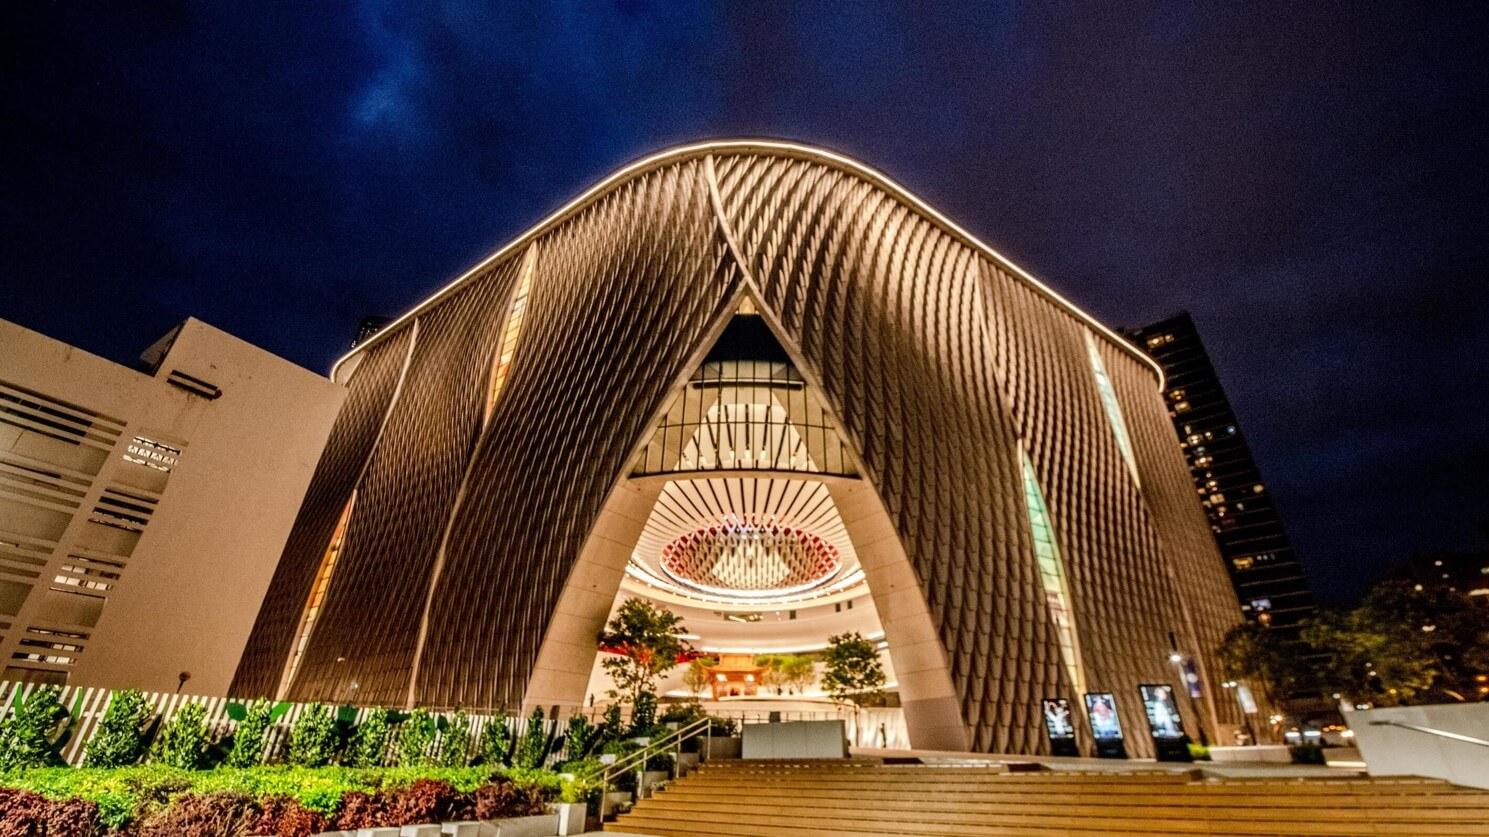 西九文化区戏曲中心:传承戏曲魅力 推广文化艺术